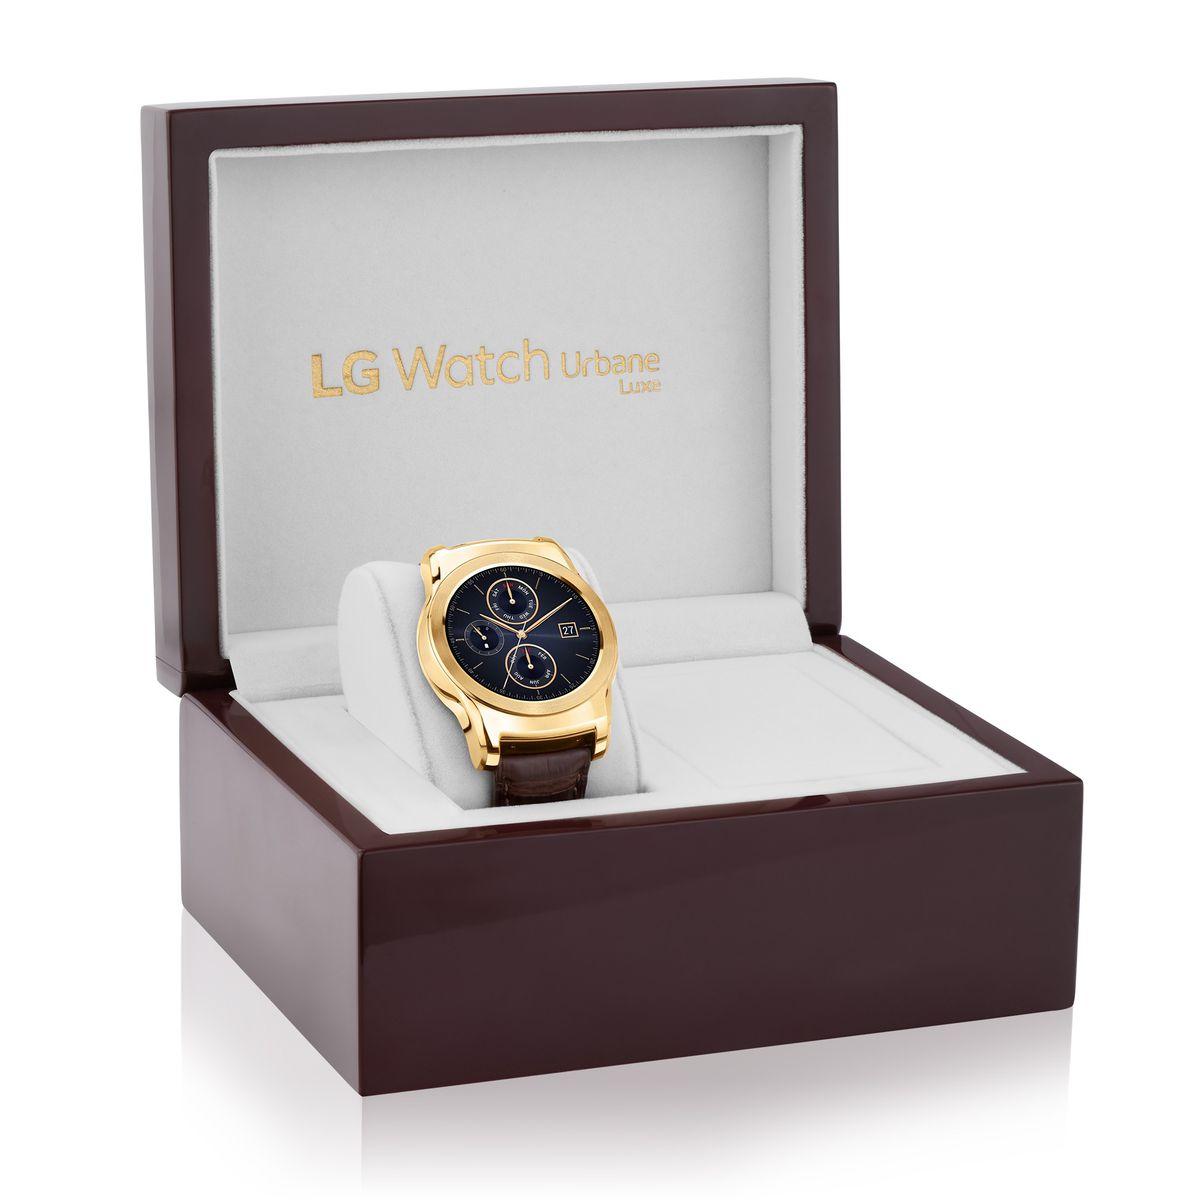 lg-watch-urbane-case-luxe